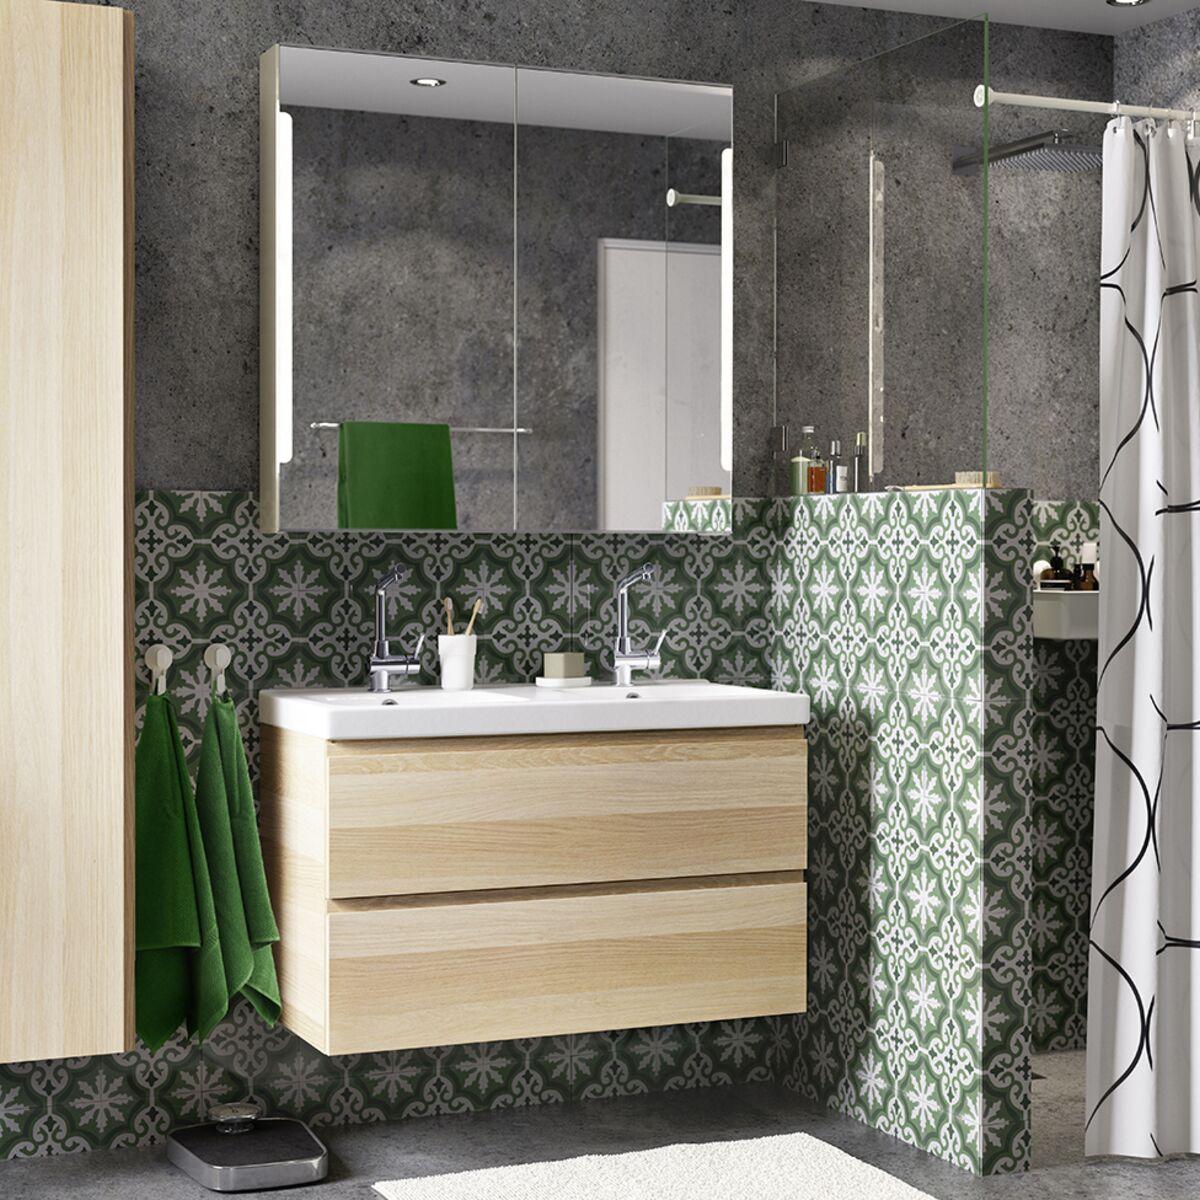 Tout Pour La Salle De Bain tout pour une salle de bains ikea : femme actuelle le mag